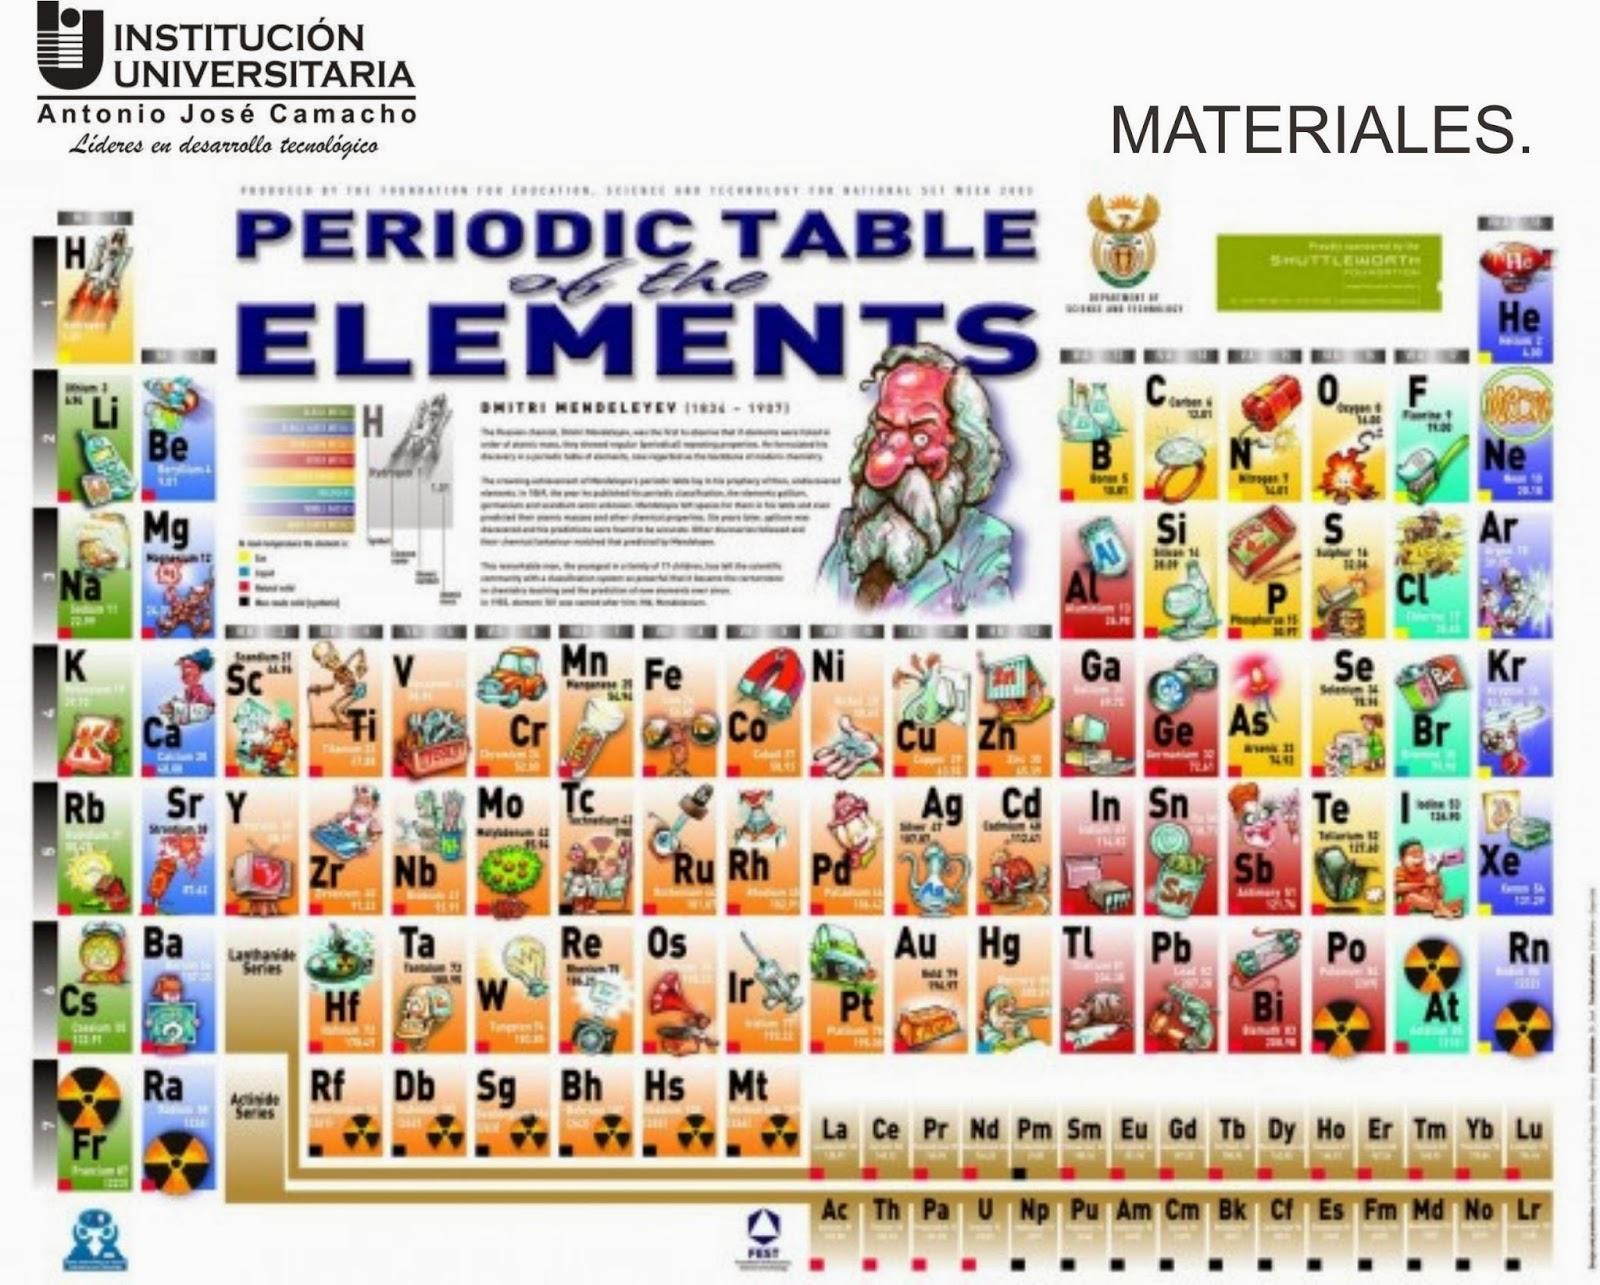 Clases de qumica ii tecnol en produccin industrial uniajc clase en la tabla peridica de acuerdo a su nmero atmico y su masa atmica los cuales presentan caractersticas fsicas y qumicas de acuerdo a los grupos urtaz Images